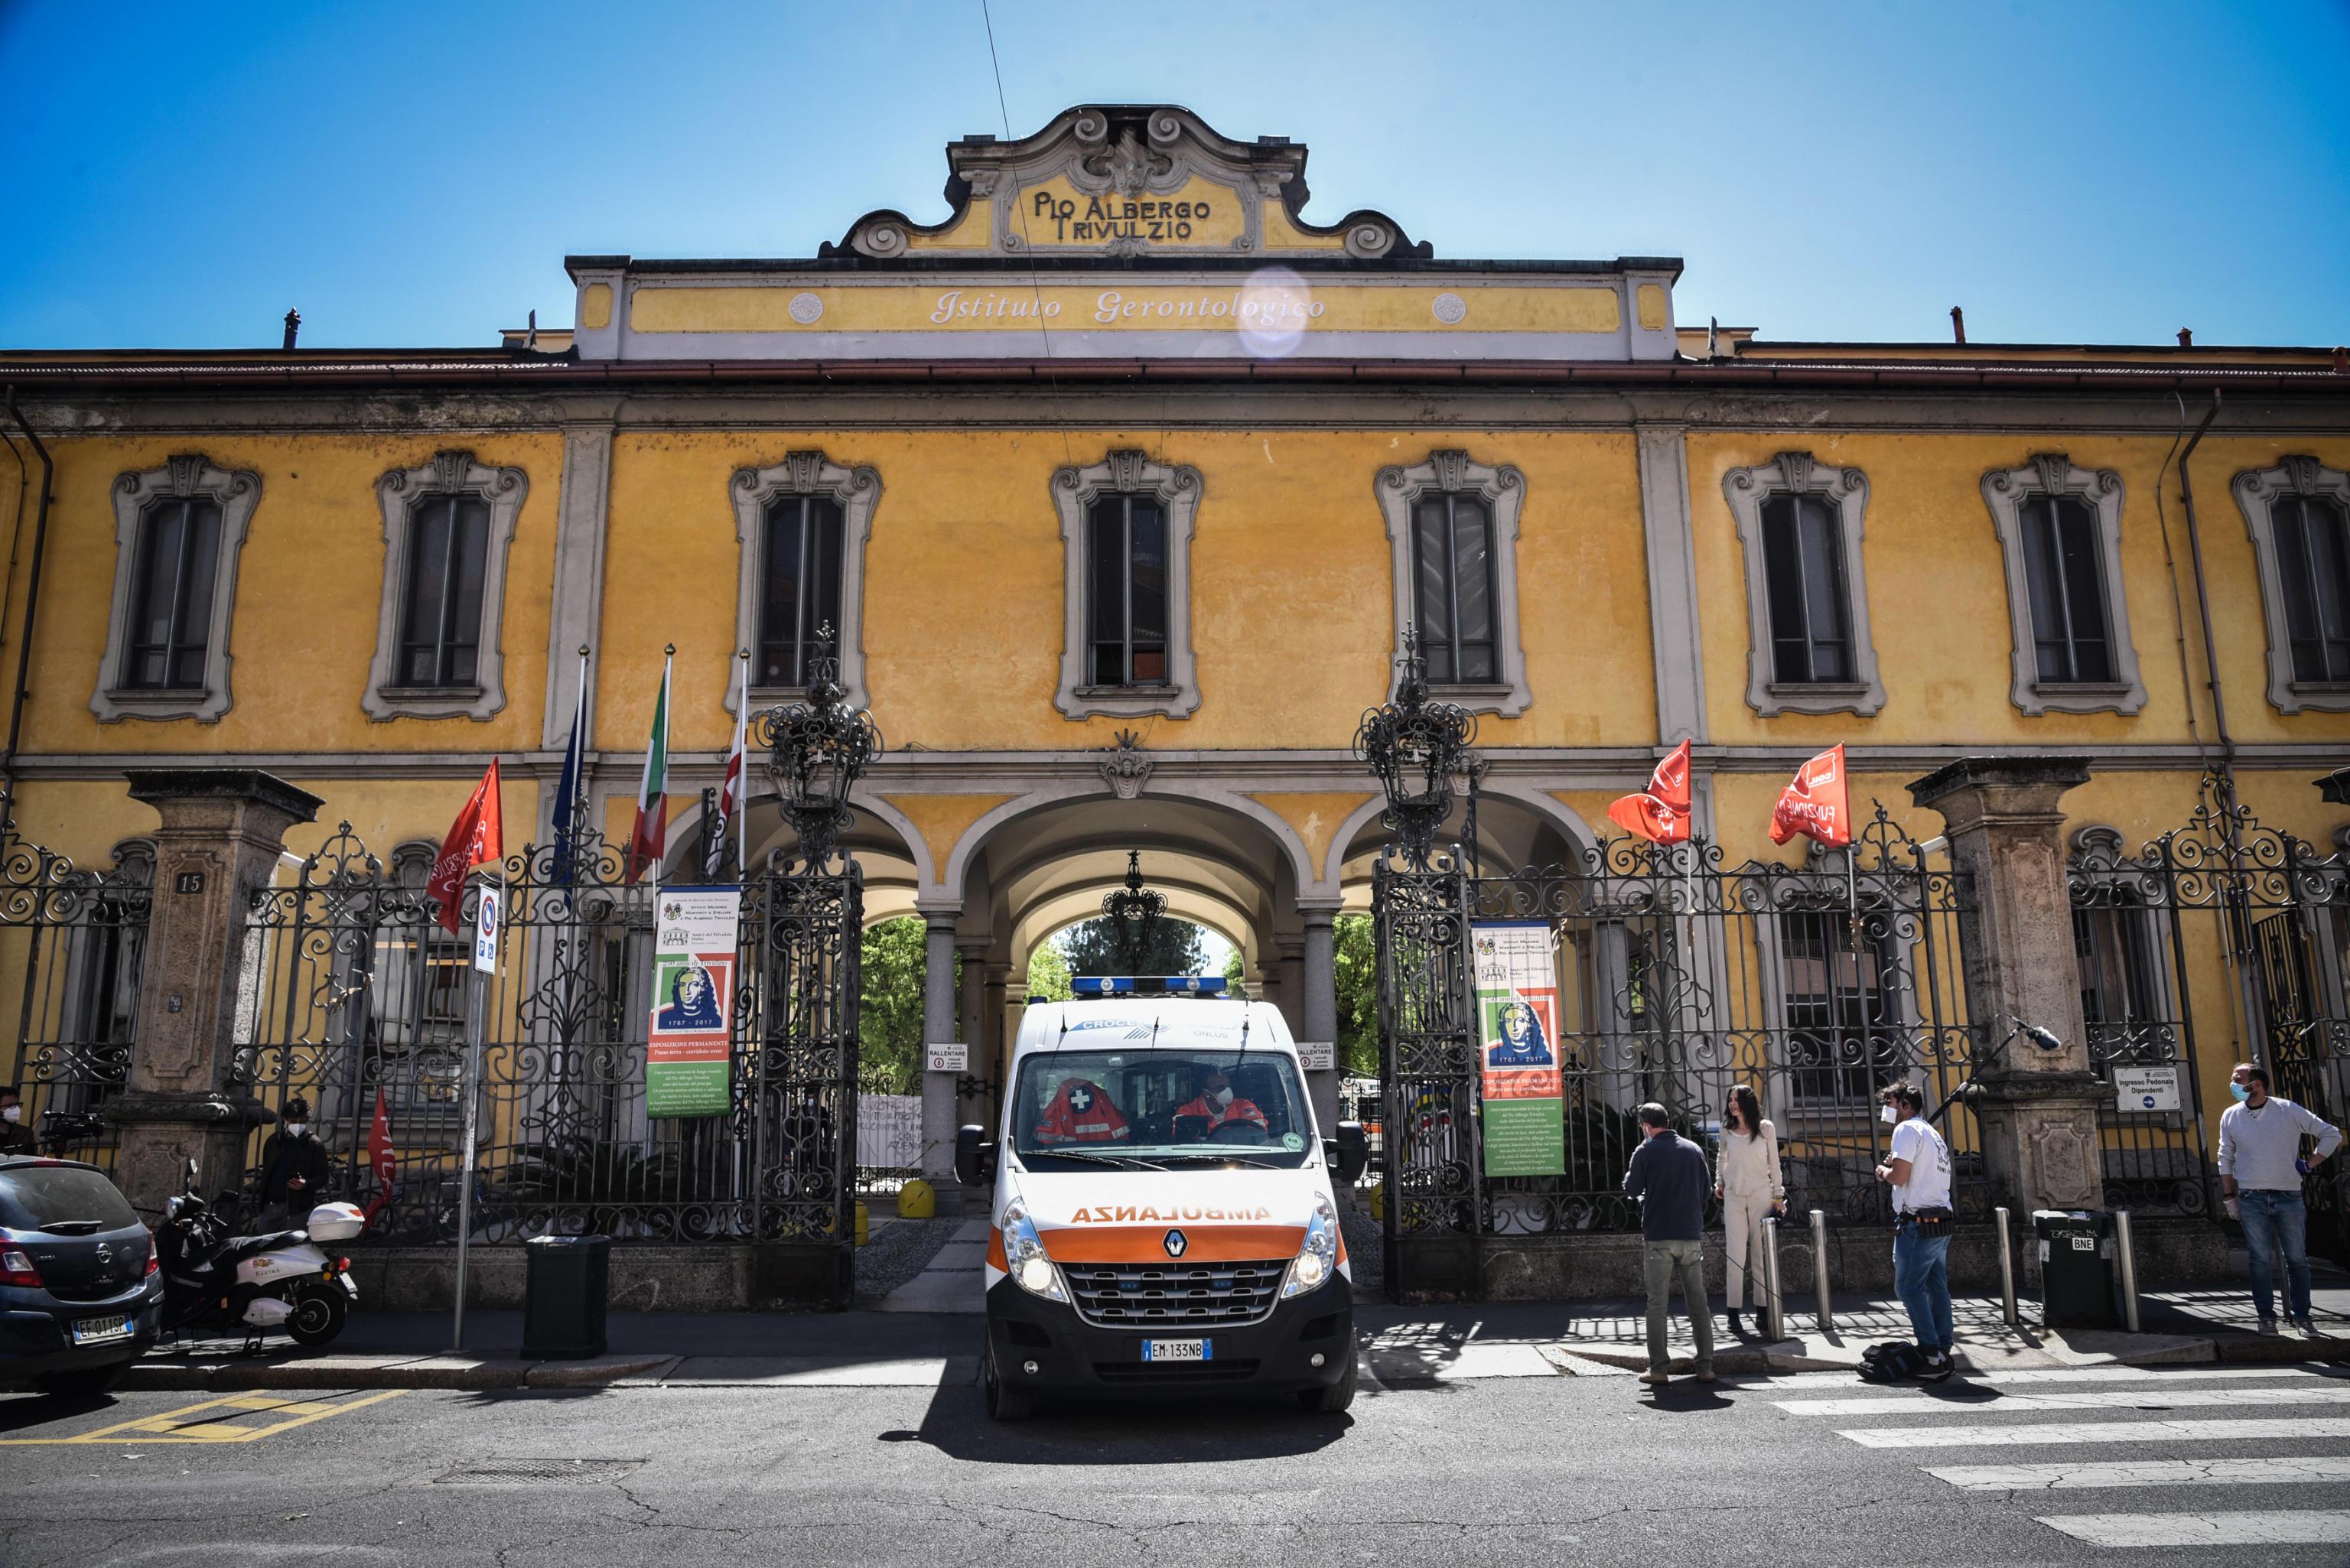 Inchiesta Pio Albergo Trivulzio, i pm chiedono l'archiviazione sulle morti degli ospiti: «Nessuna prova di carenze di assistenza»